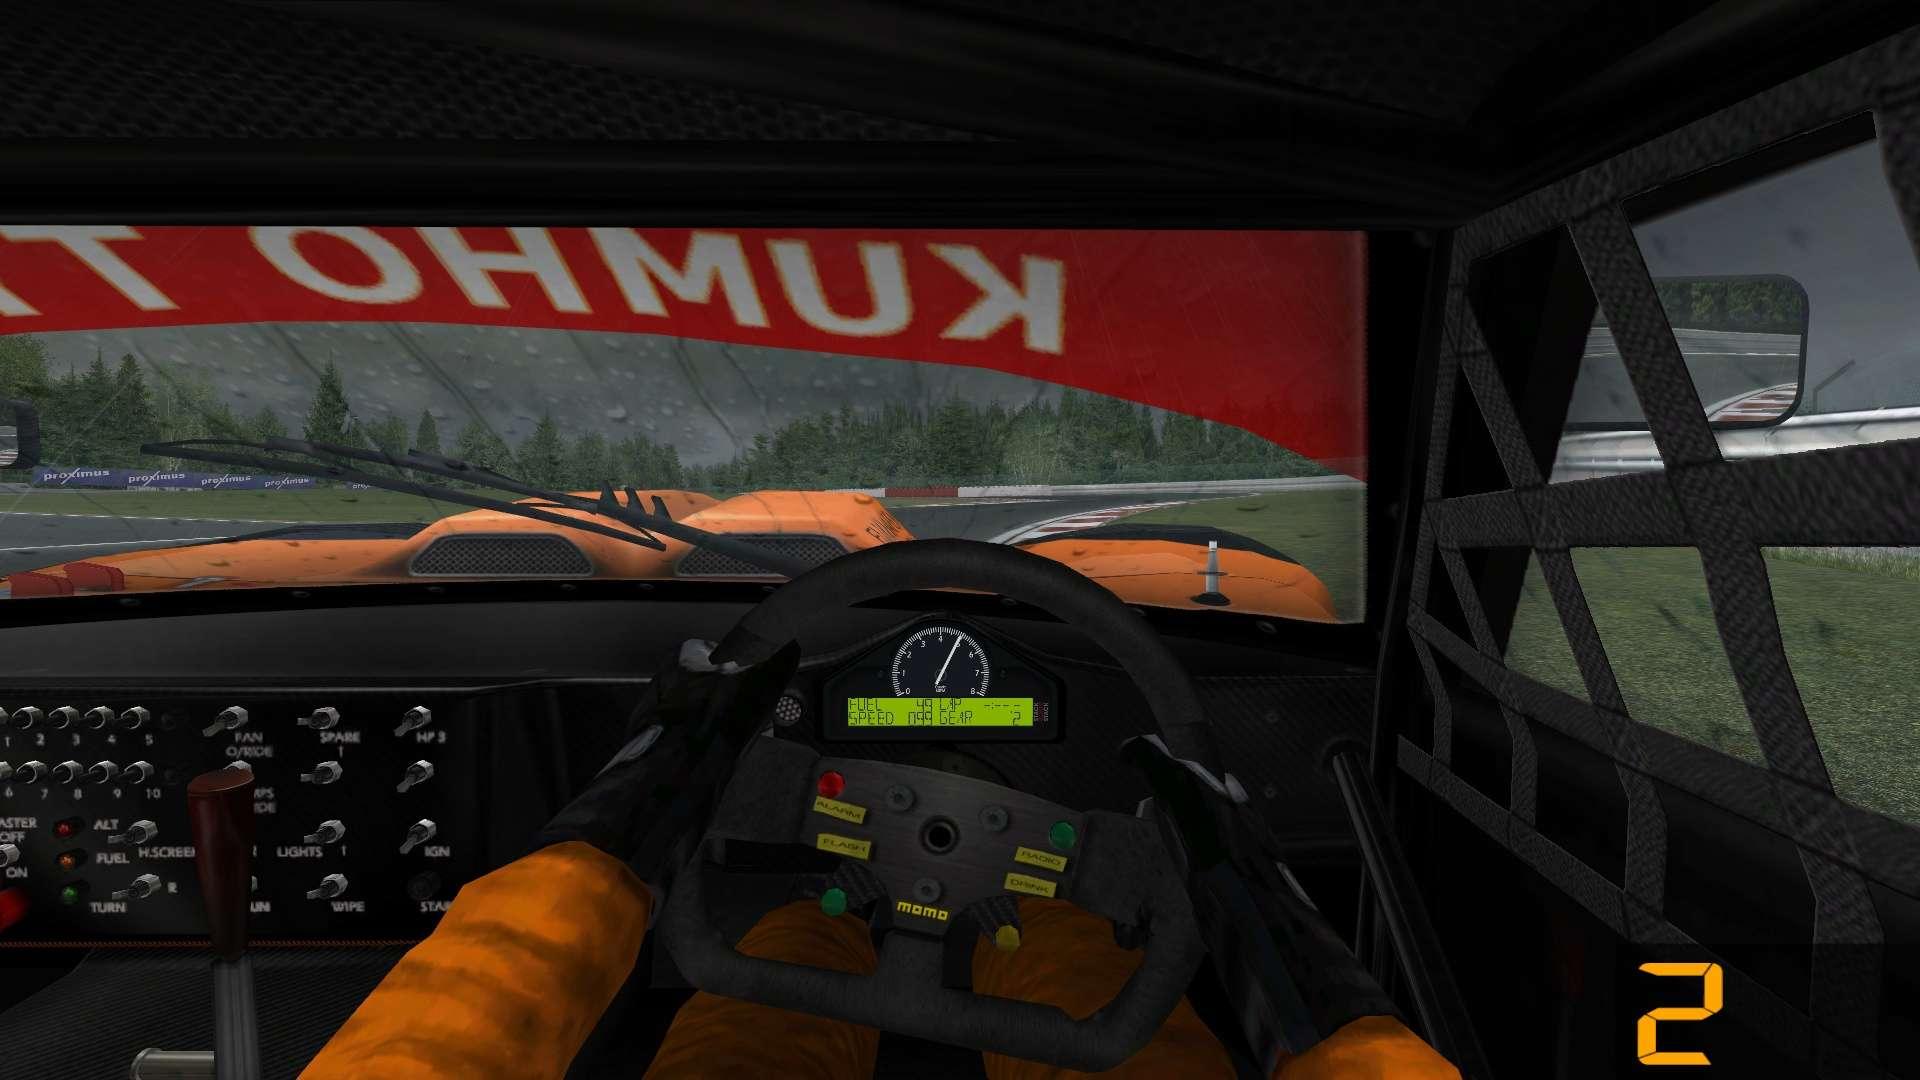 Marcos LM600 mod gfx update Gtr2_l10